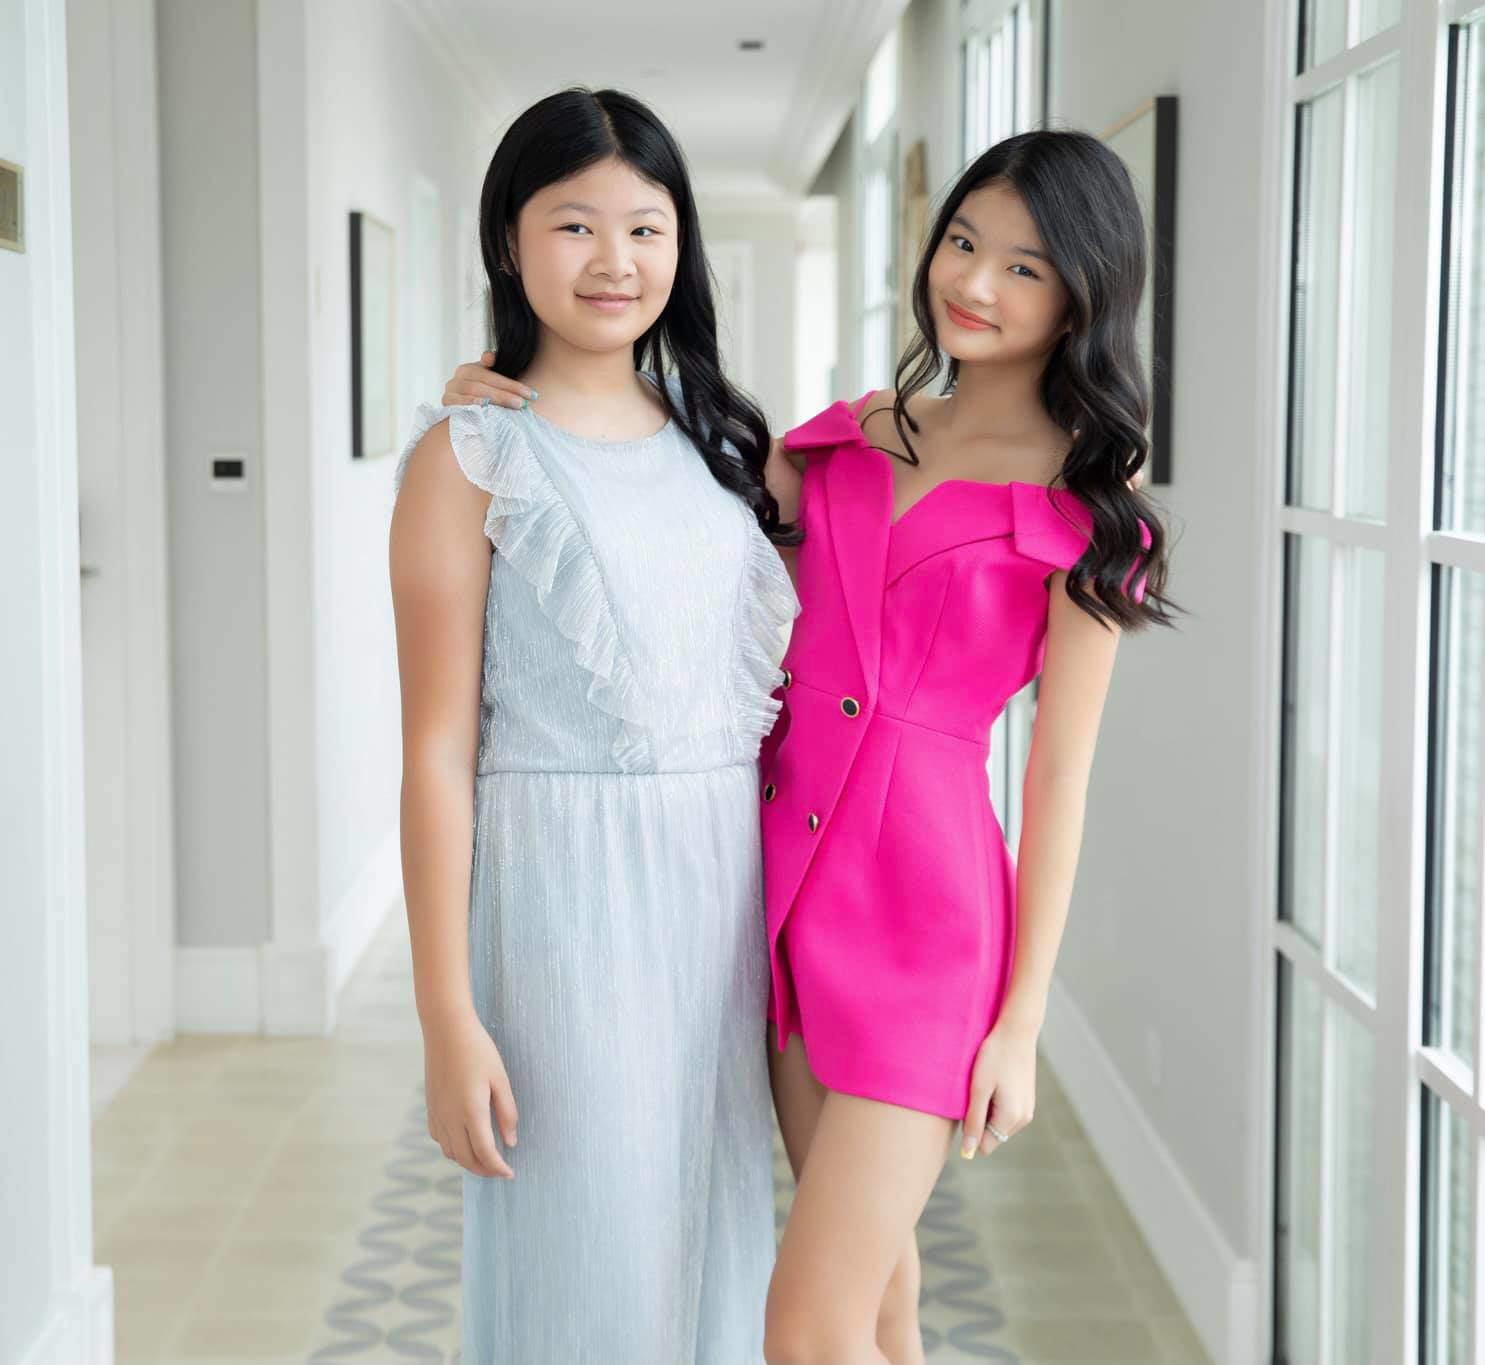 Con gái Trương Ngọc Ánh đứng cạnh một bé gái giống như chị em ruột, danh tính cũng không vừa - 3